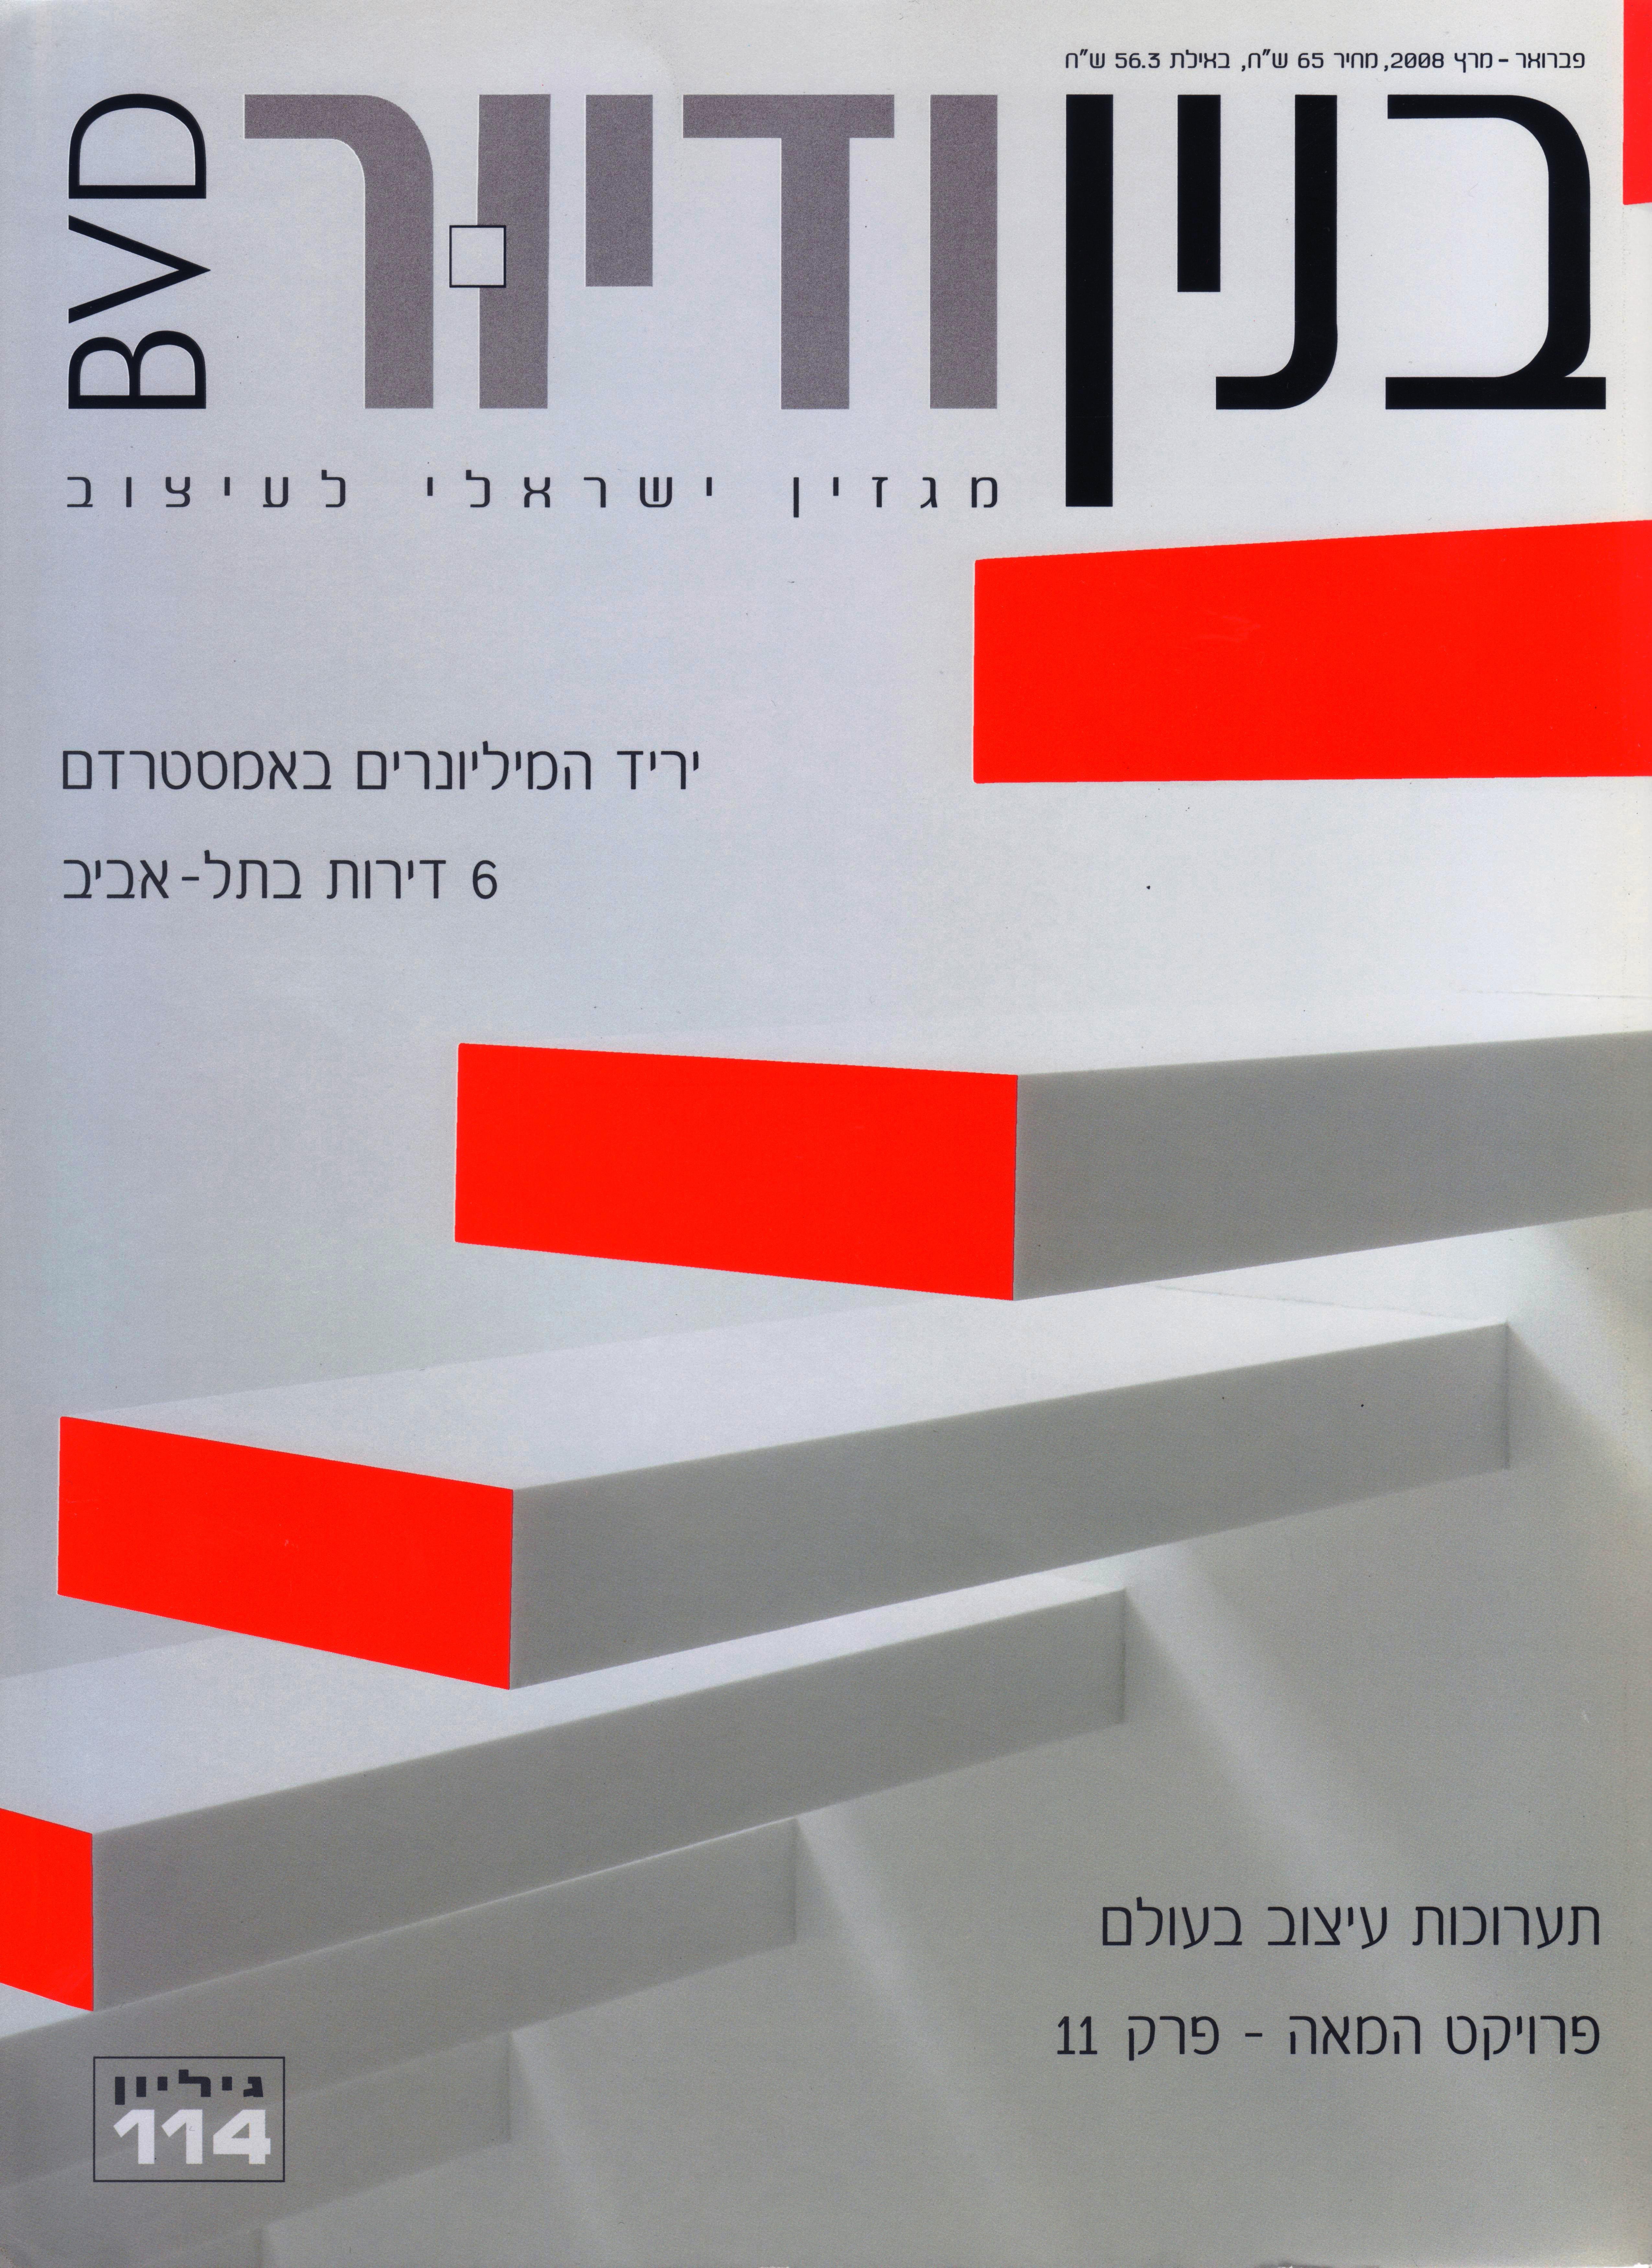 bvd 114p0